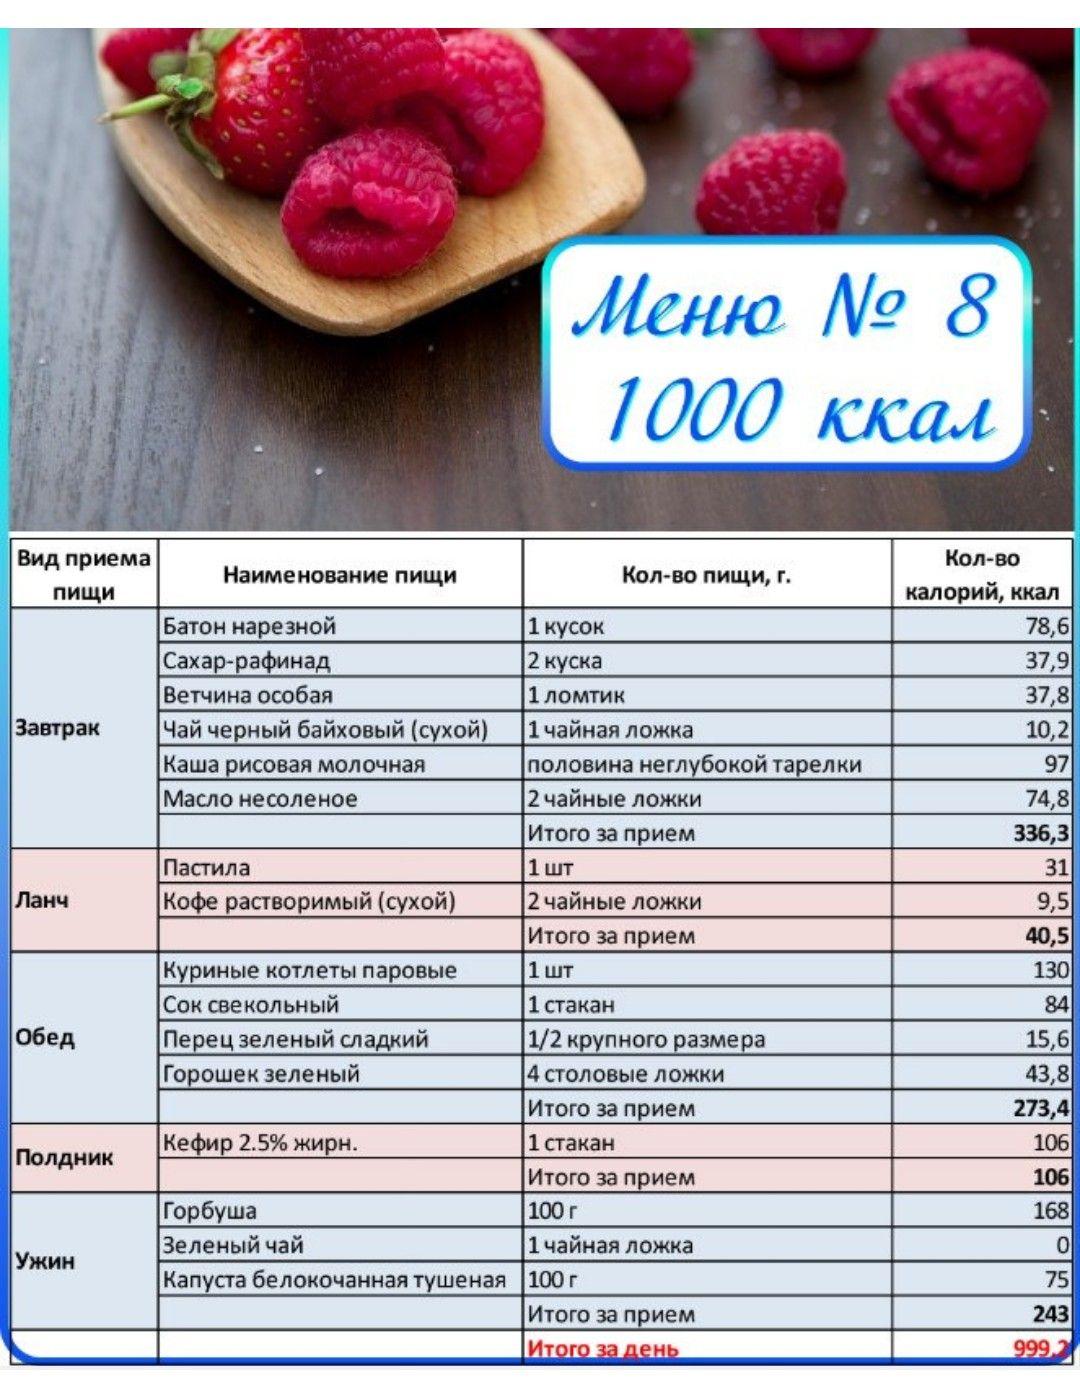 Похудение калорийность рациона